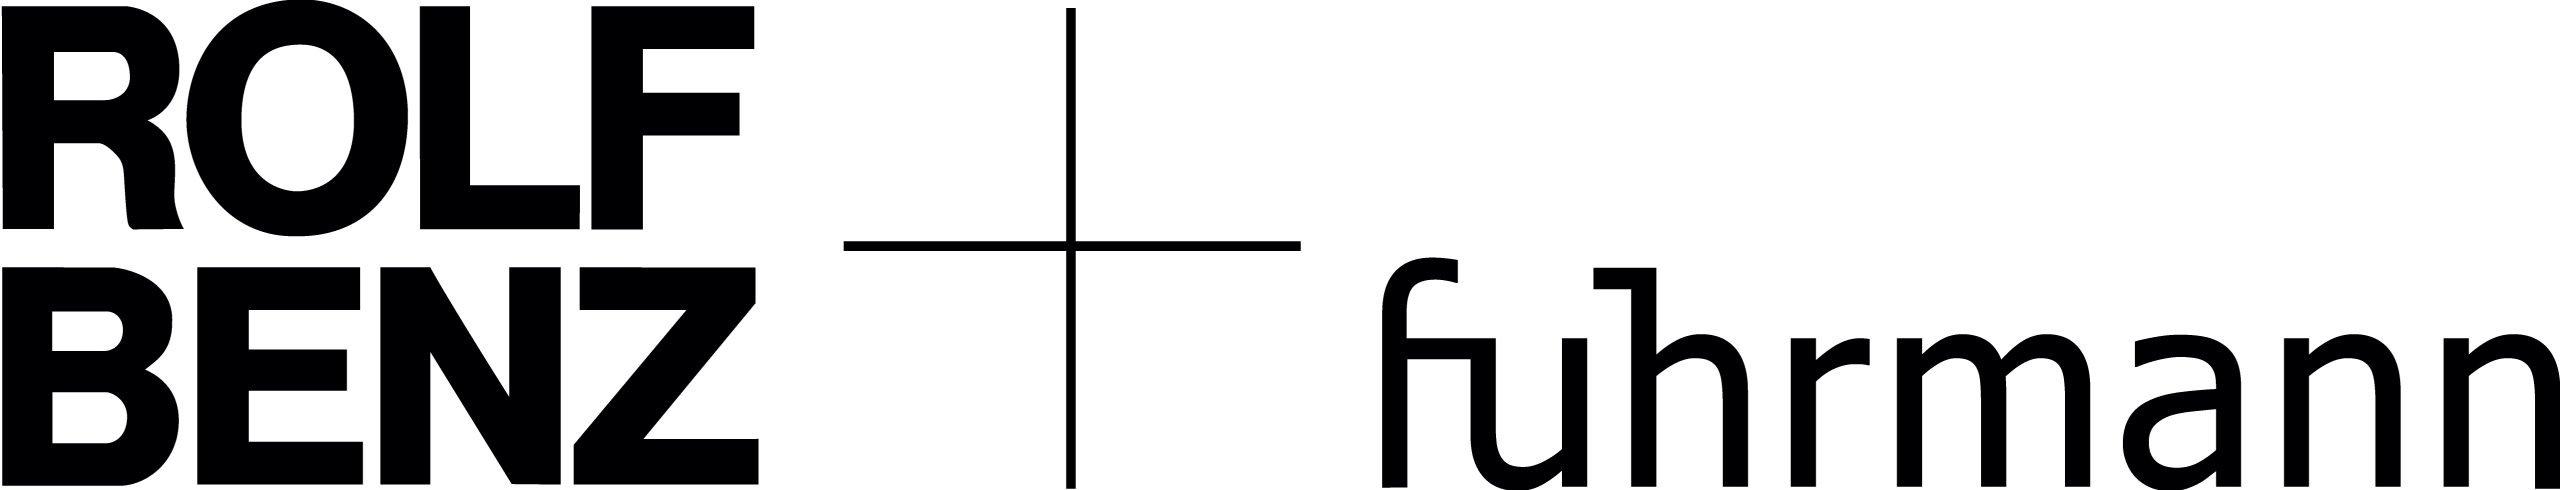 RolfBenz+Fuhrmann